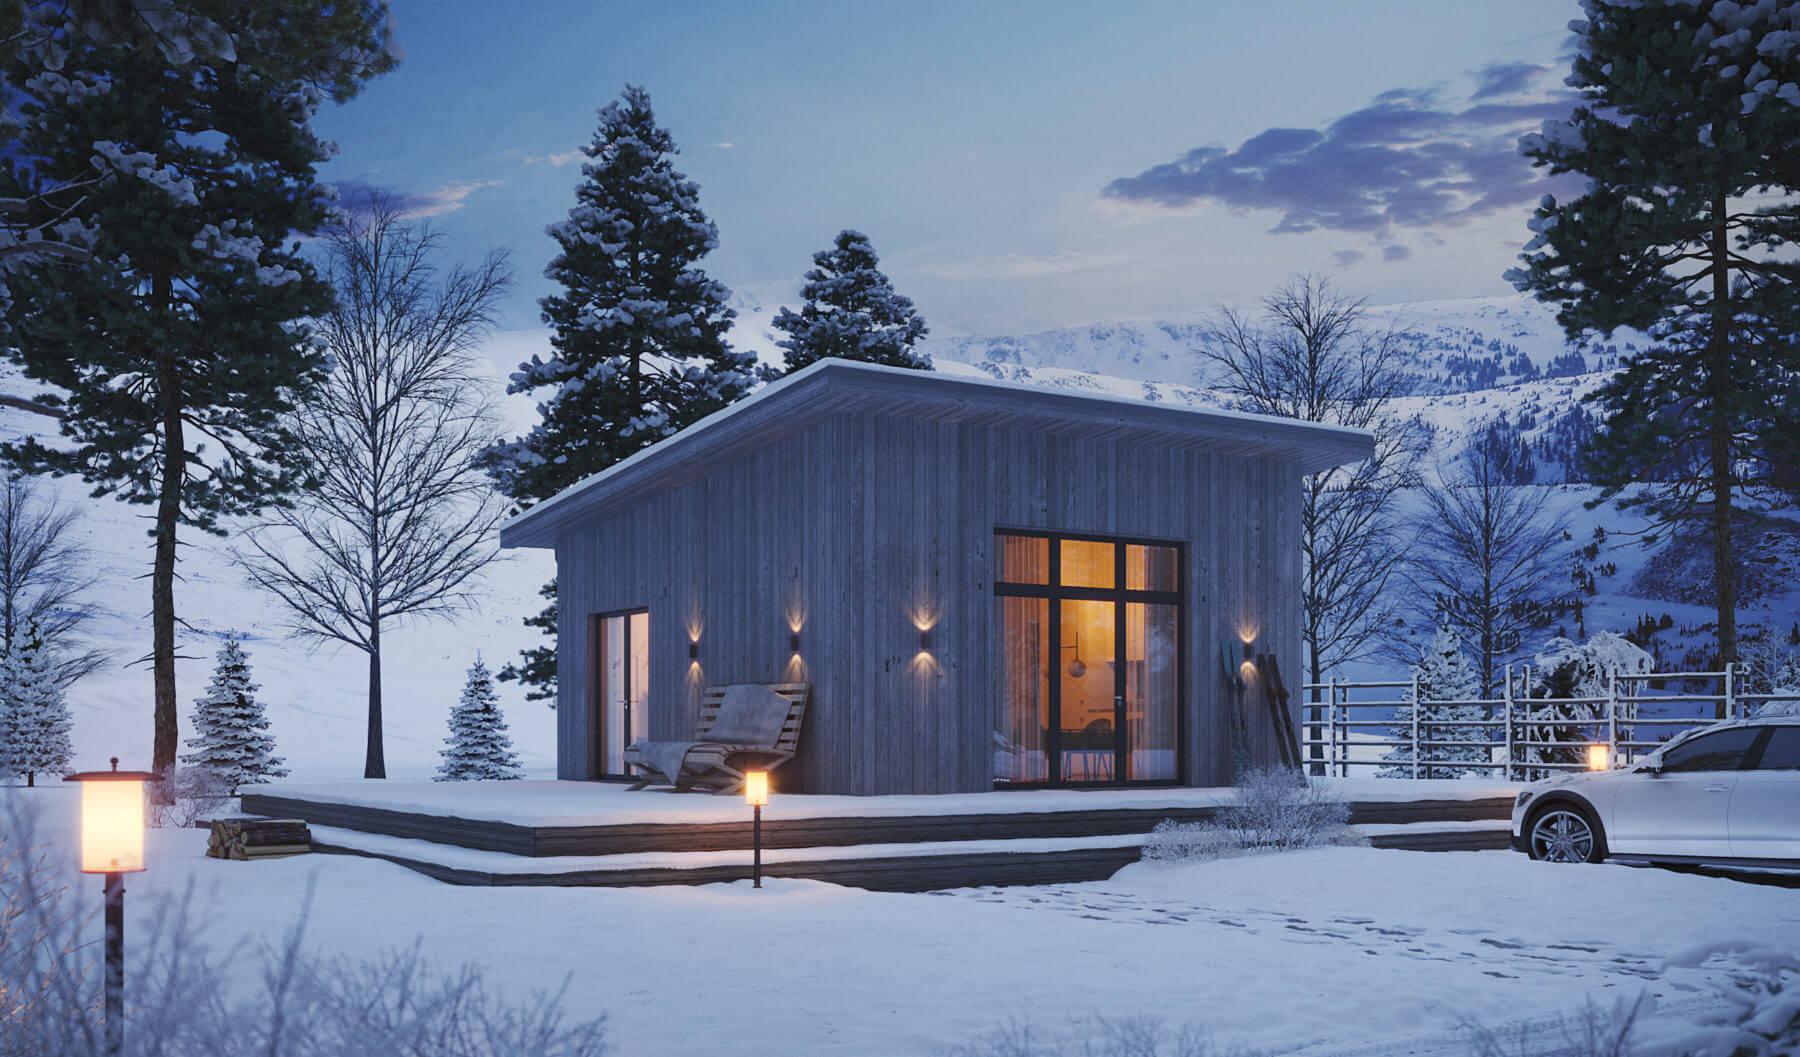 Fritidshus Pulpet 40.2 med fasad i tjärvitriol stående i vinterväder